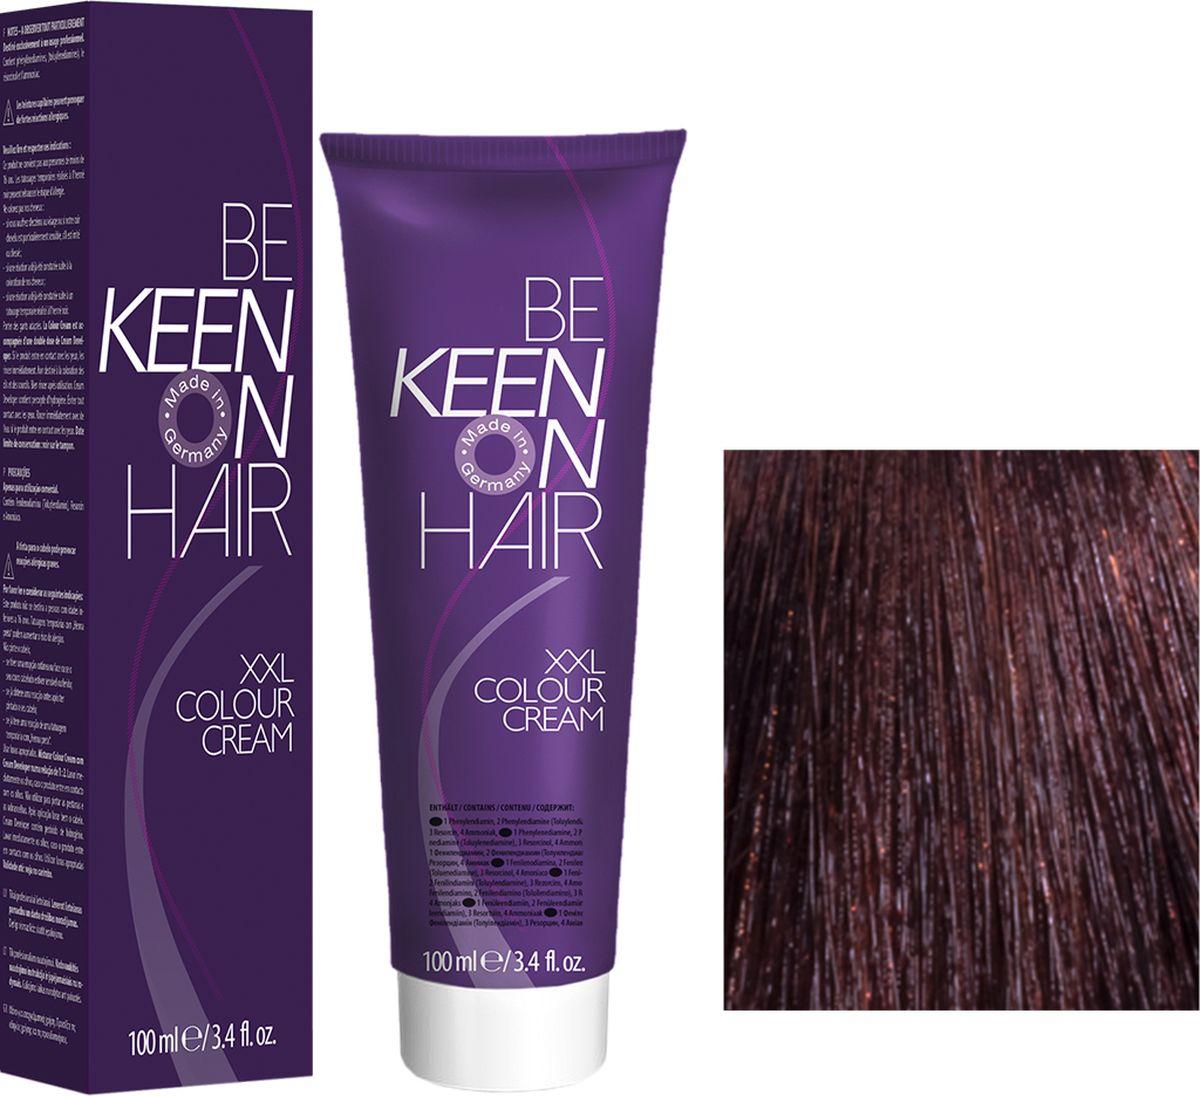 Keen Краска для волос 4.6 Дикая слива Wildpflaume, 100 мл69100014Модные оттенкиБолее 100 оттенков для креативной комбинации цветов.ЭкономичностьПри использовании тюбика 100 мл вы получаете оптимальное соотношение цены и качества!УходМолочный белок поддерживает структуру волоса во время окрашивания и придает волосам блеск и шелковистость. Протеины хорошо встраиваются в волосы и снабжают их влагой.